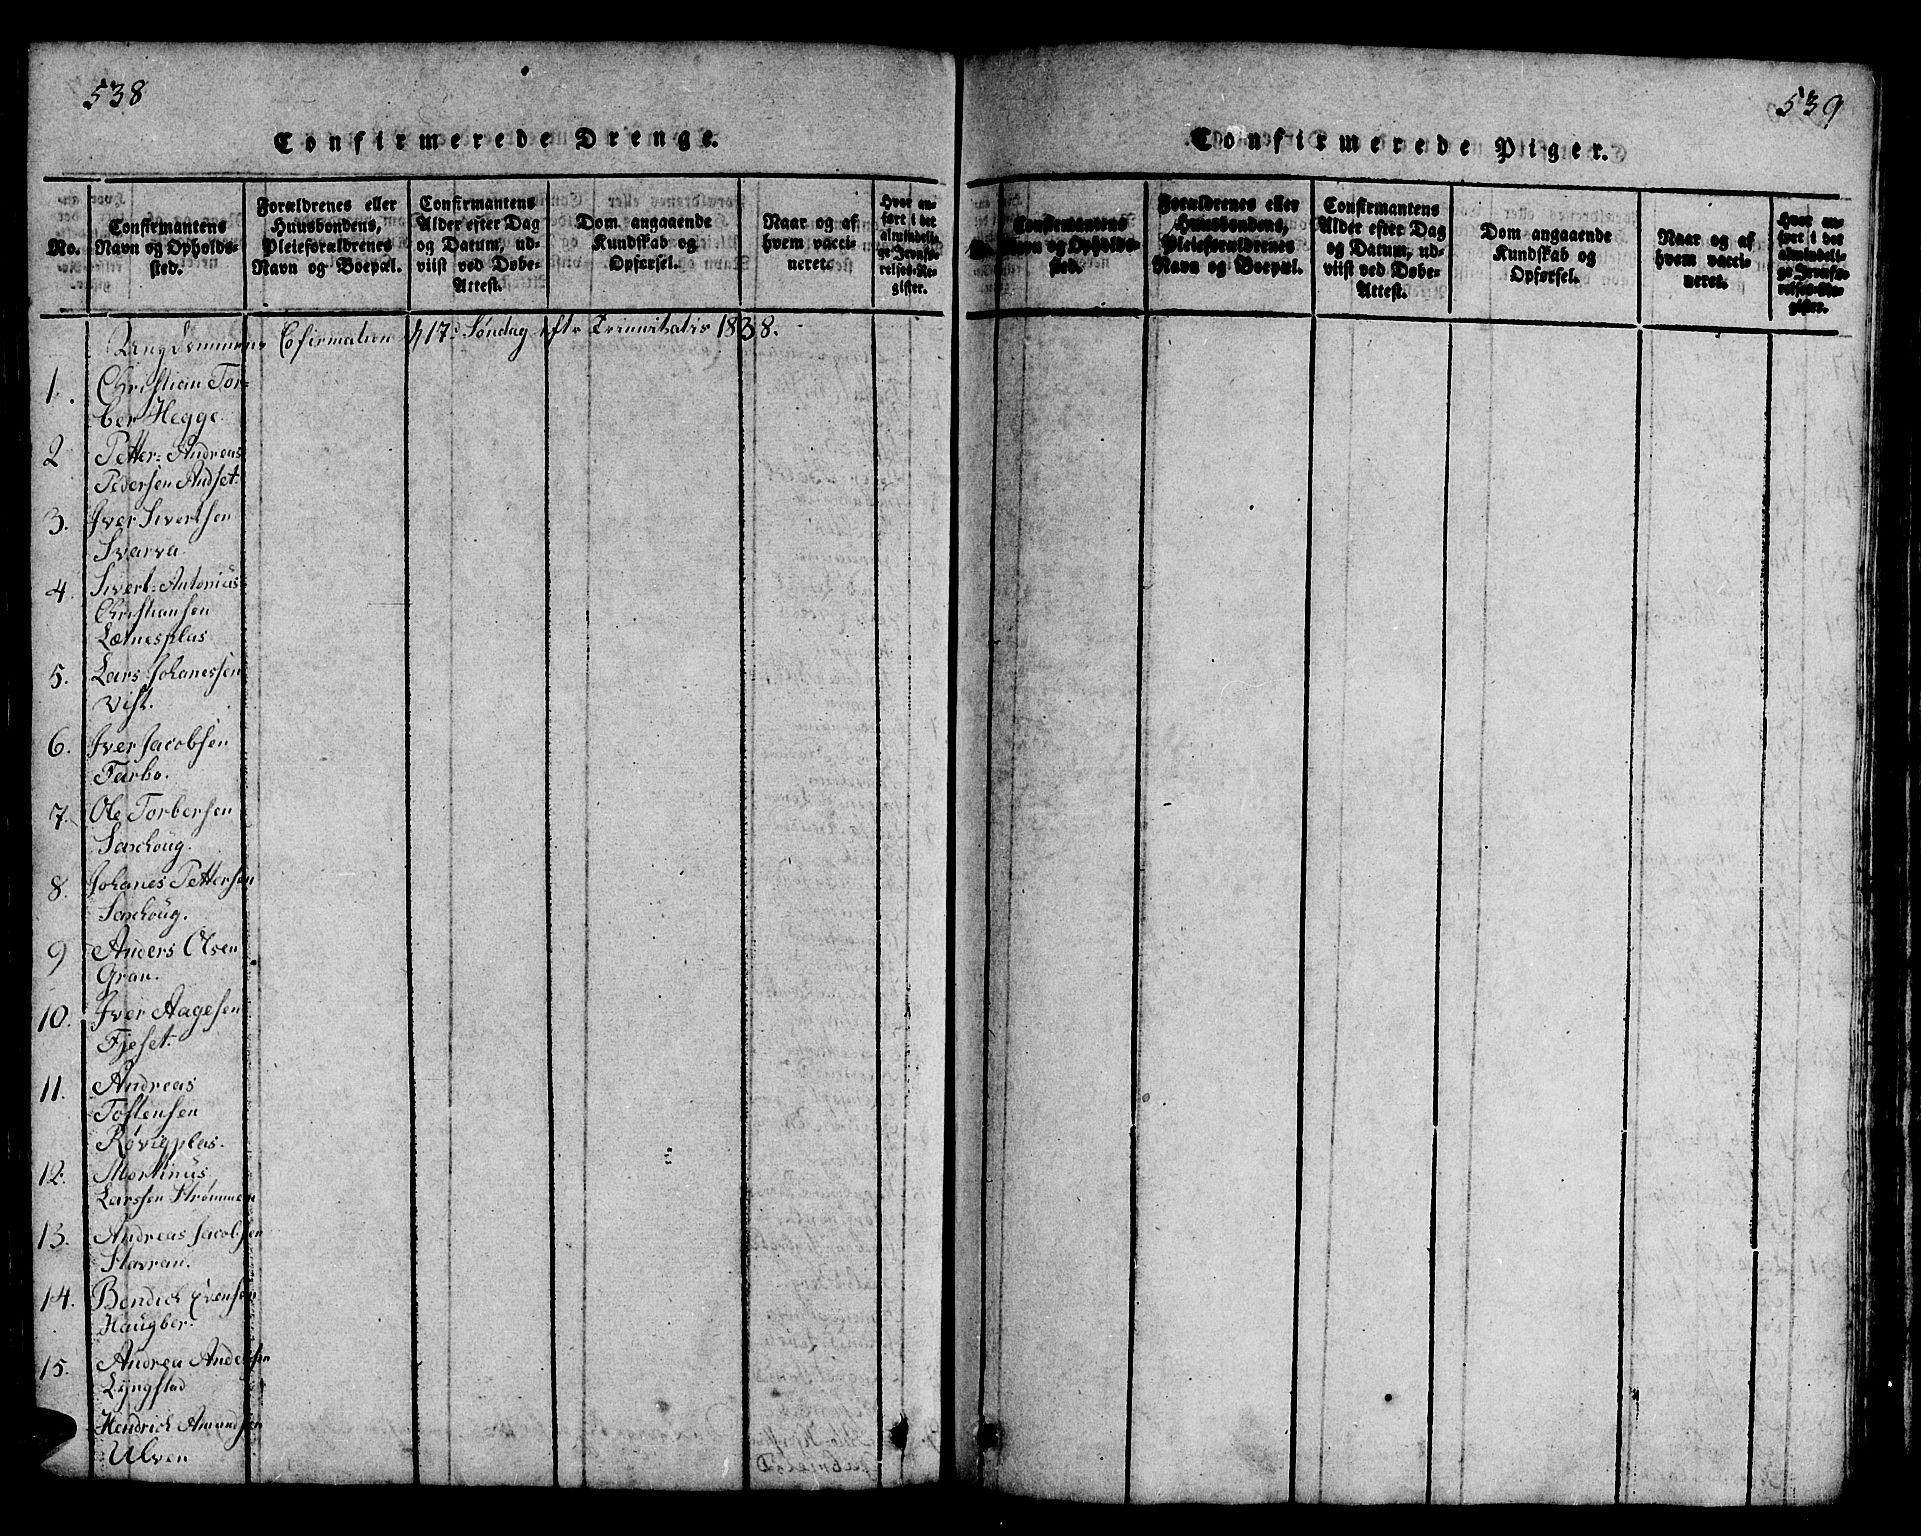 SAT, Ministerialprotokoller, klokkerbøker og fødselsregistre - Nord-Trøndelag, 730/L0298: Klokkerbok nr. 730C01, 1816-1849, s. 538-539